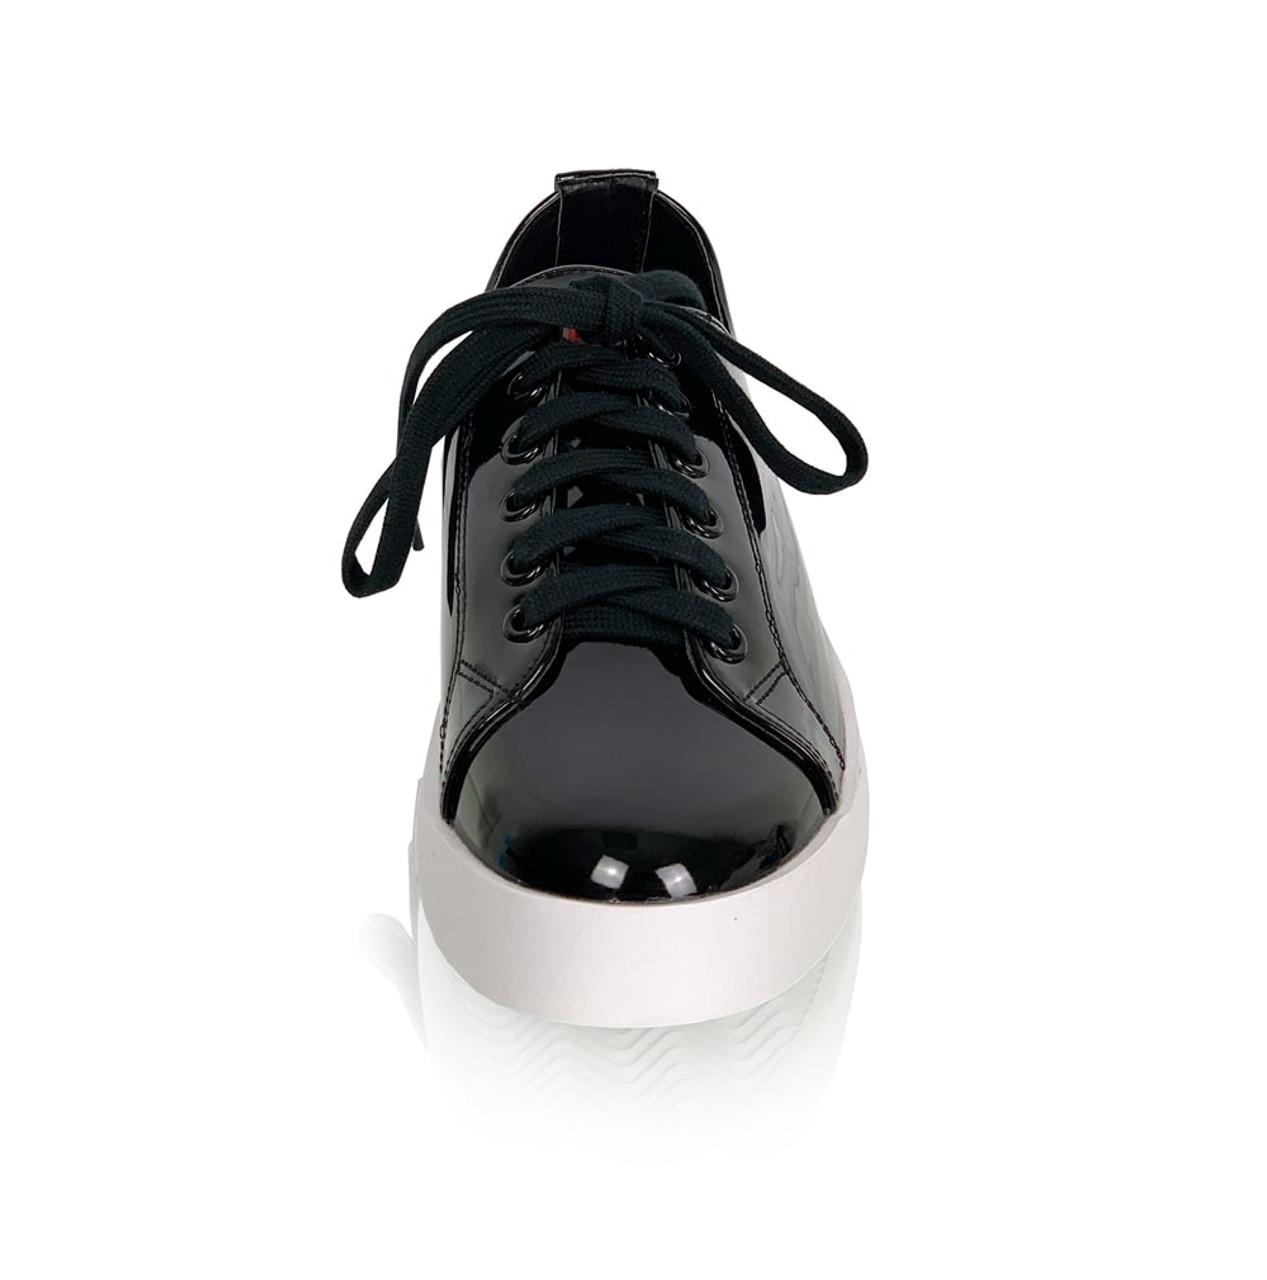 Floater Black